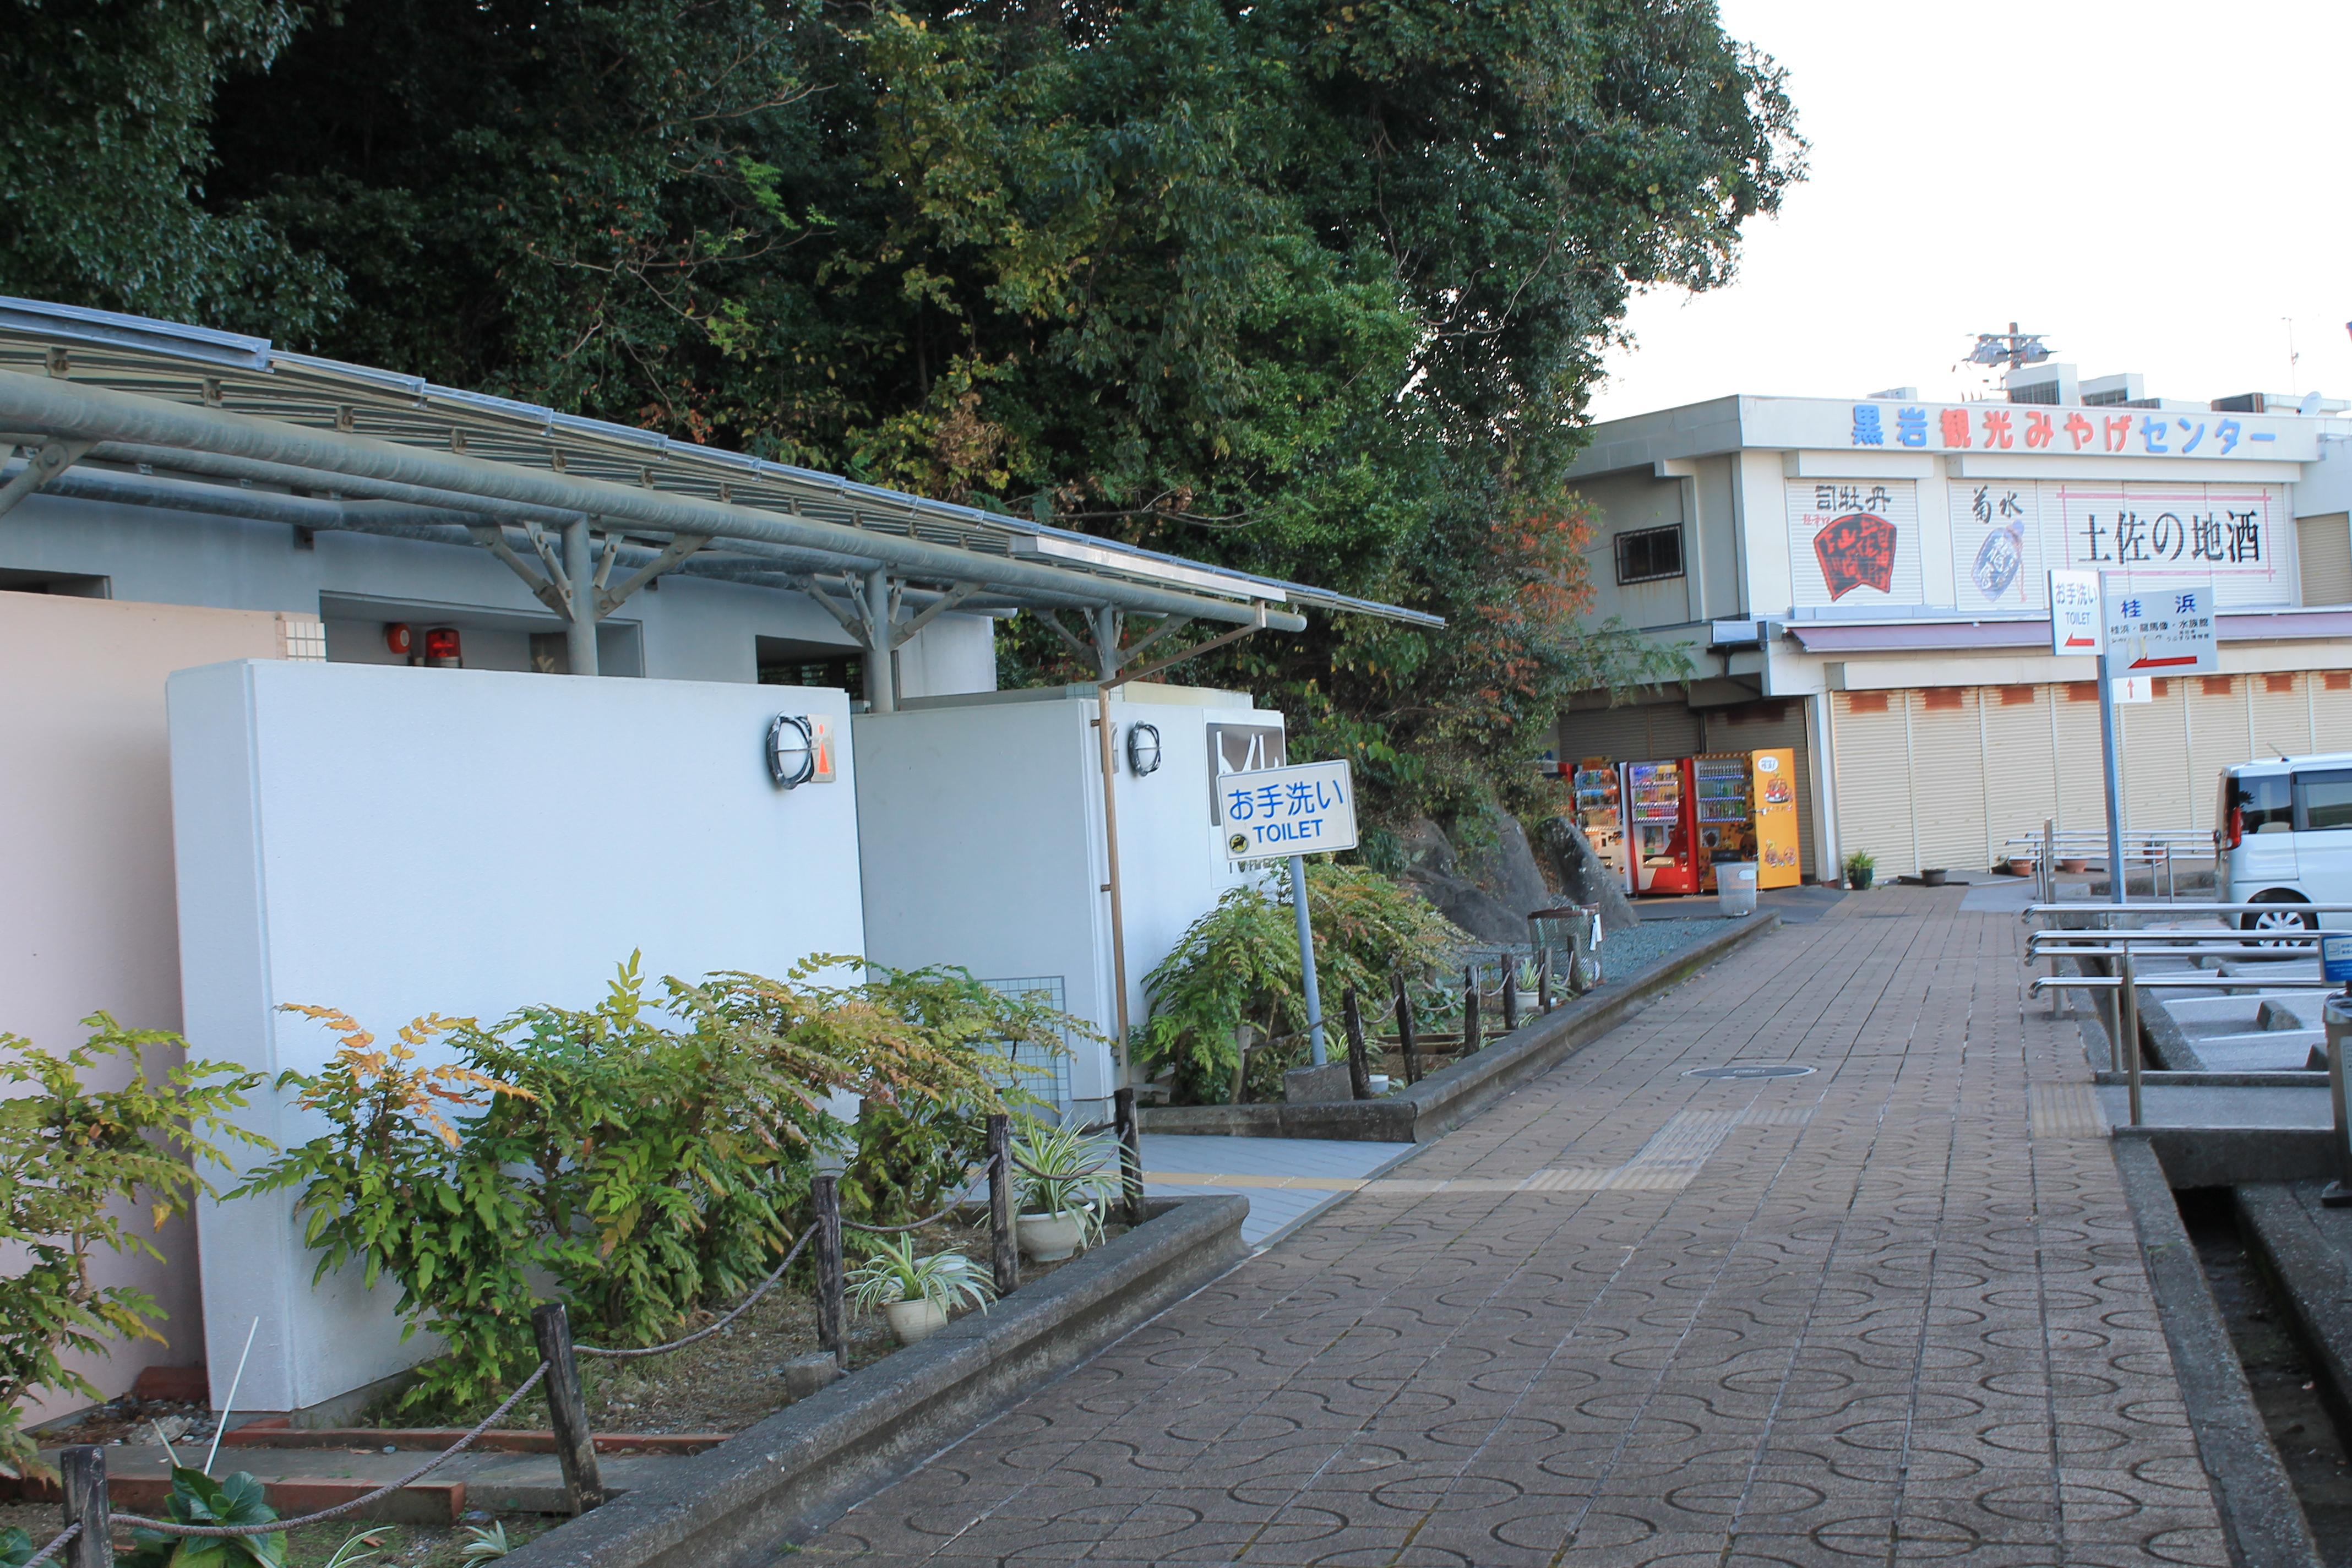 桂浜の駐車場すぐ前のトイレ